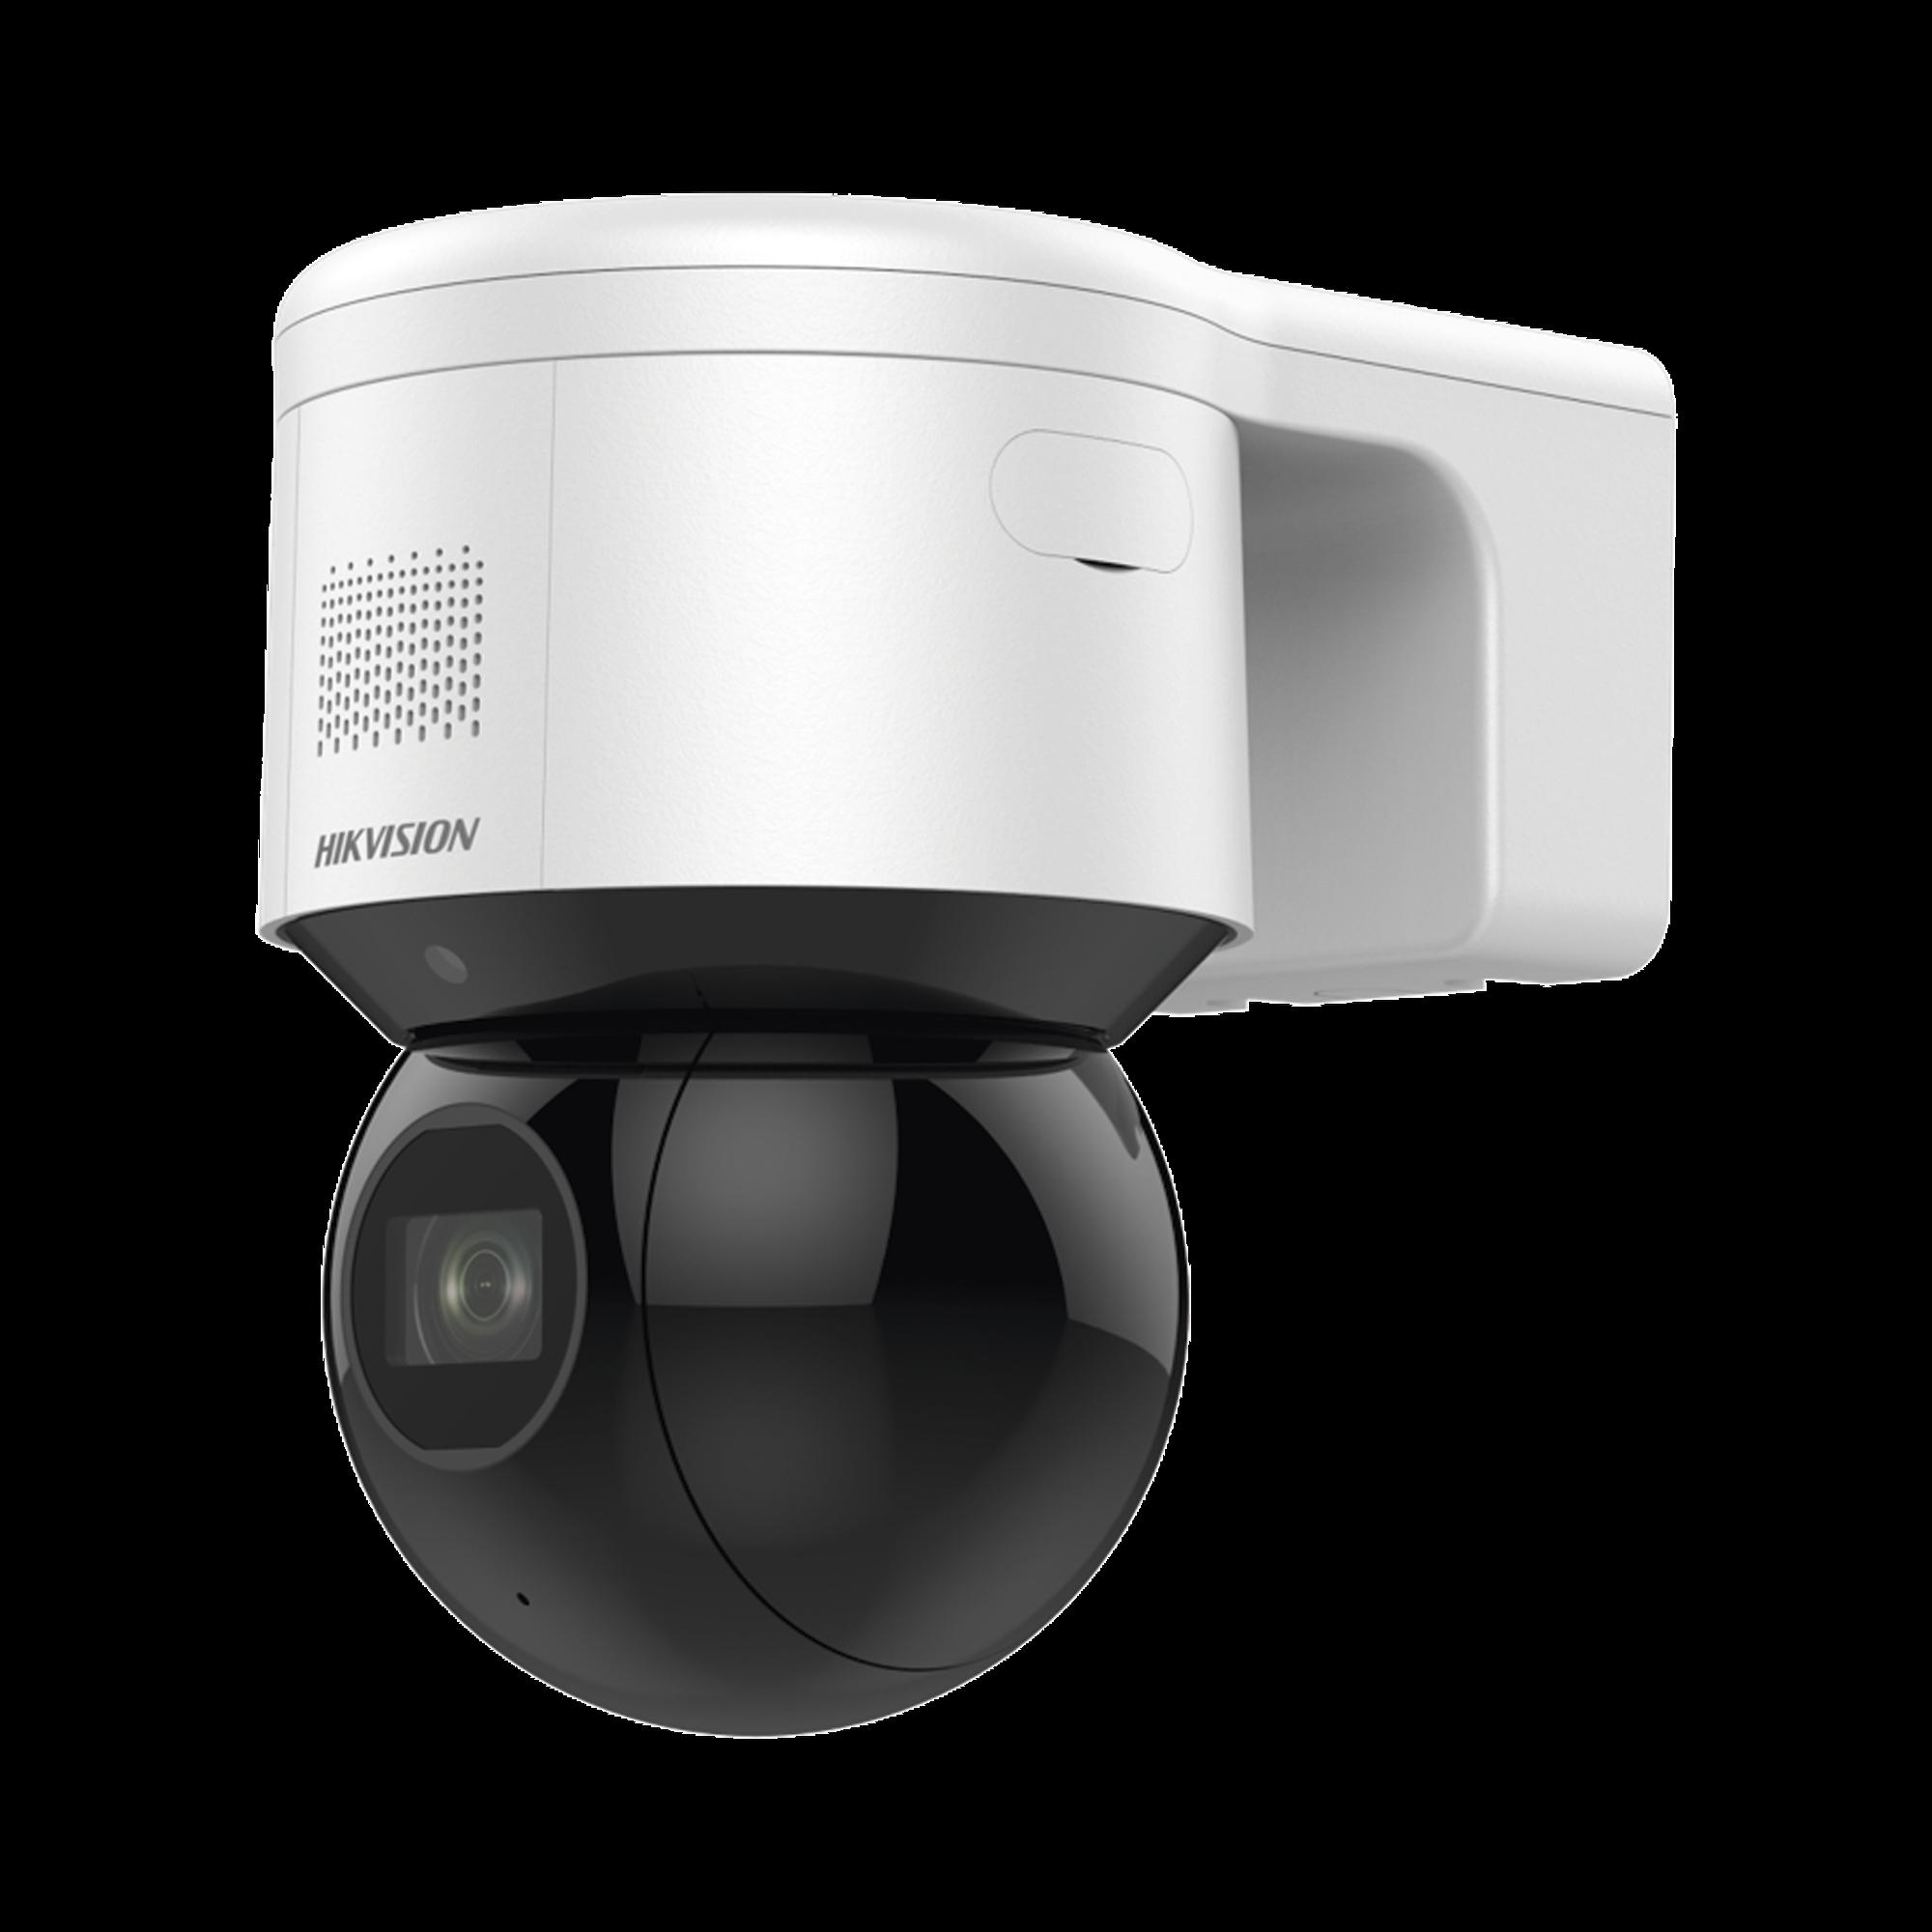 PTZ IP 4 Megapixel / 4X Zoom óptico / 50 mts IR EXIR / Luz Estroboscópica / Sirena Integrada / WDR 120 dB / PoE+ / IP66 / Ultra Baja Iluminación / Micrófono y Bocina Interconstruido / Micro SD